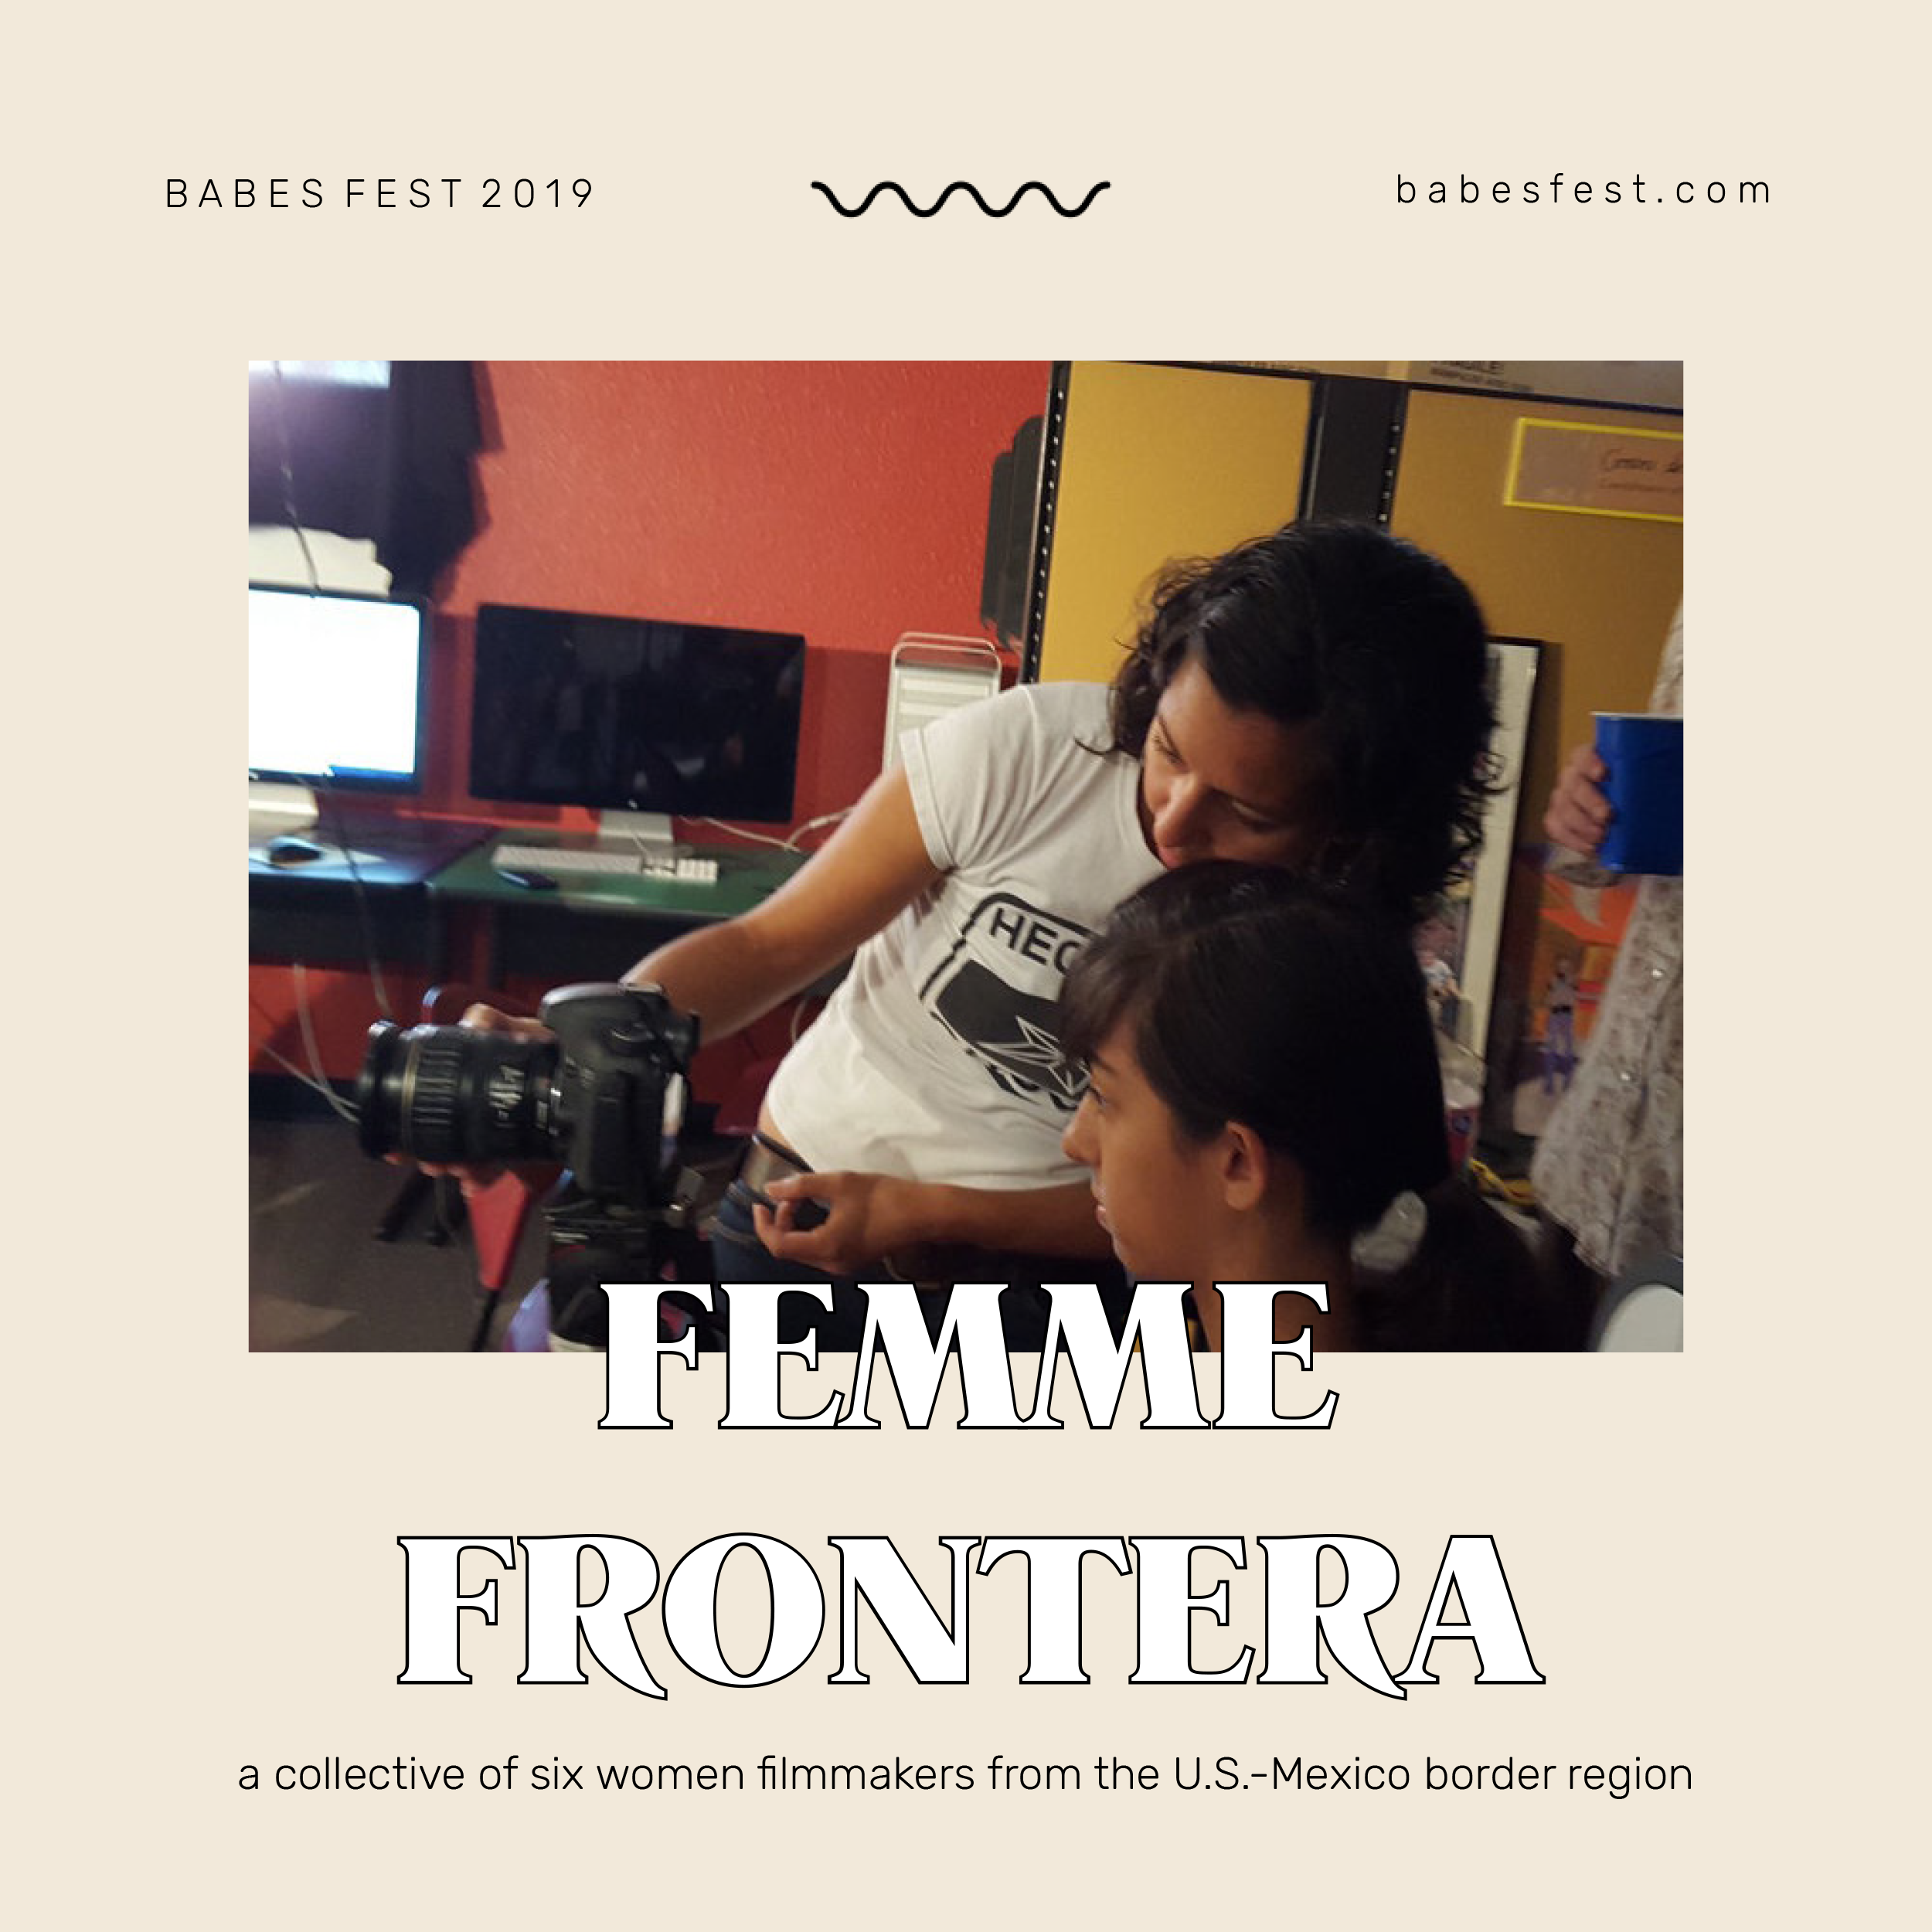 Femme Frontera